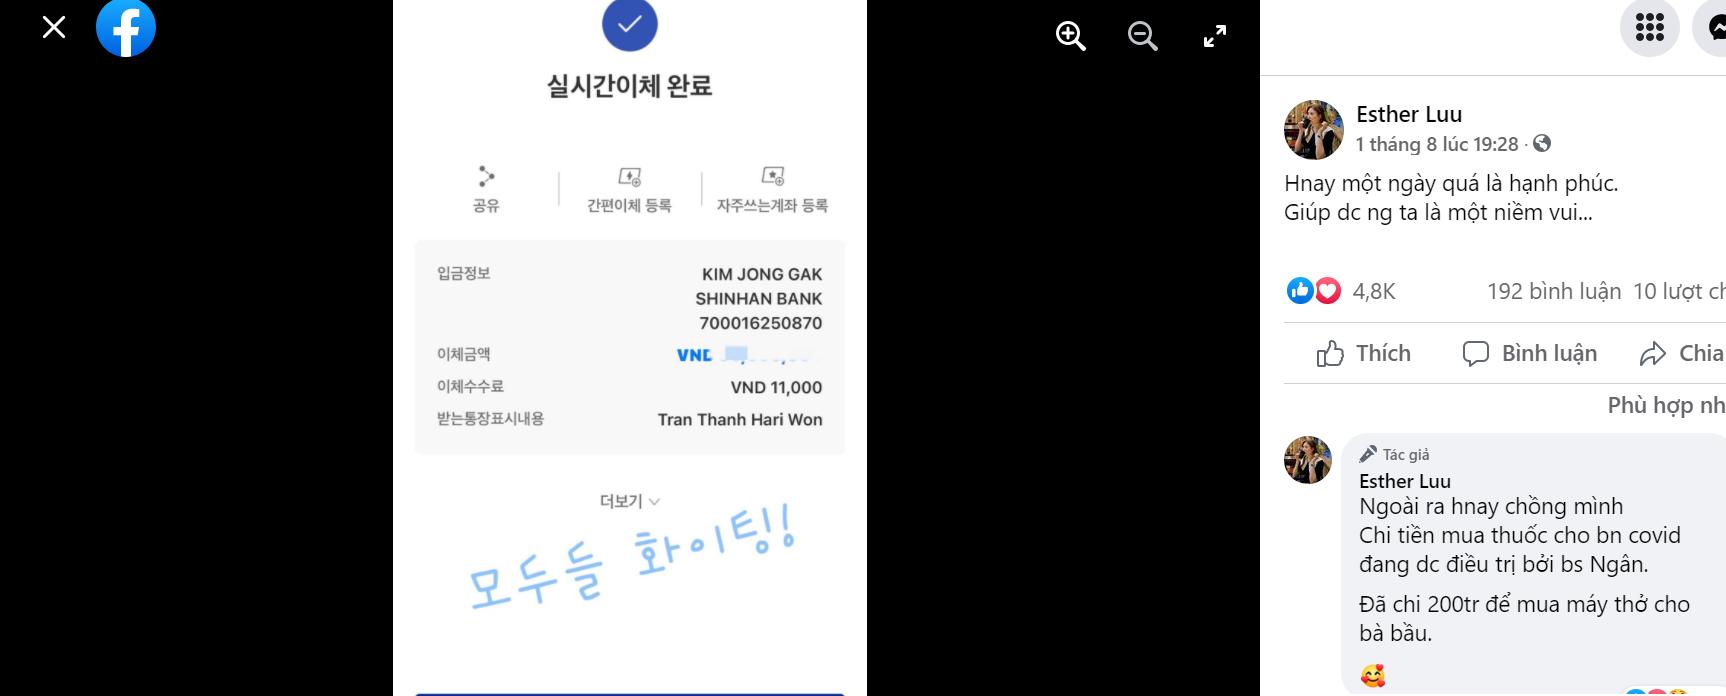 Bài đăng của Hari Won